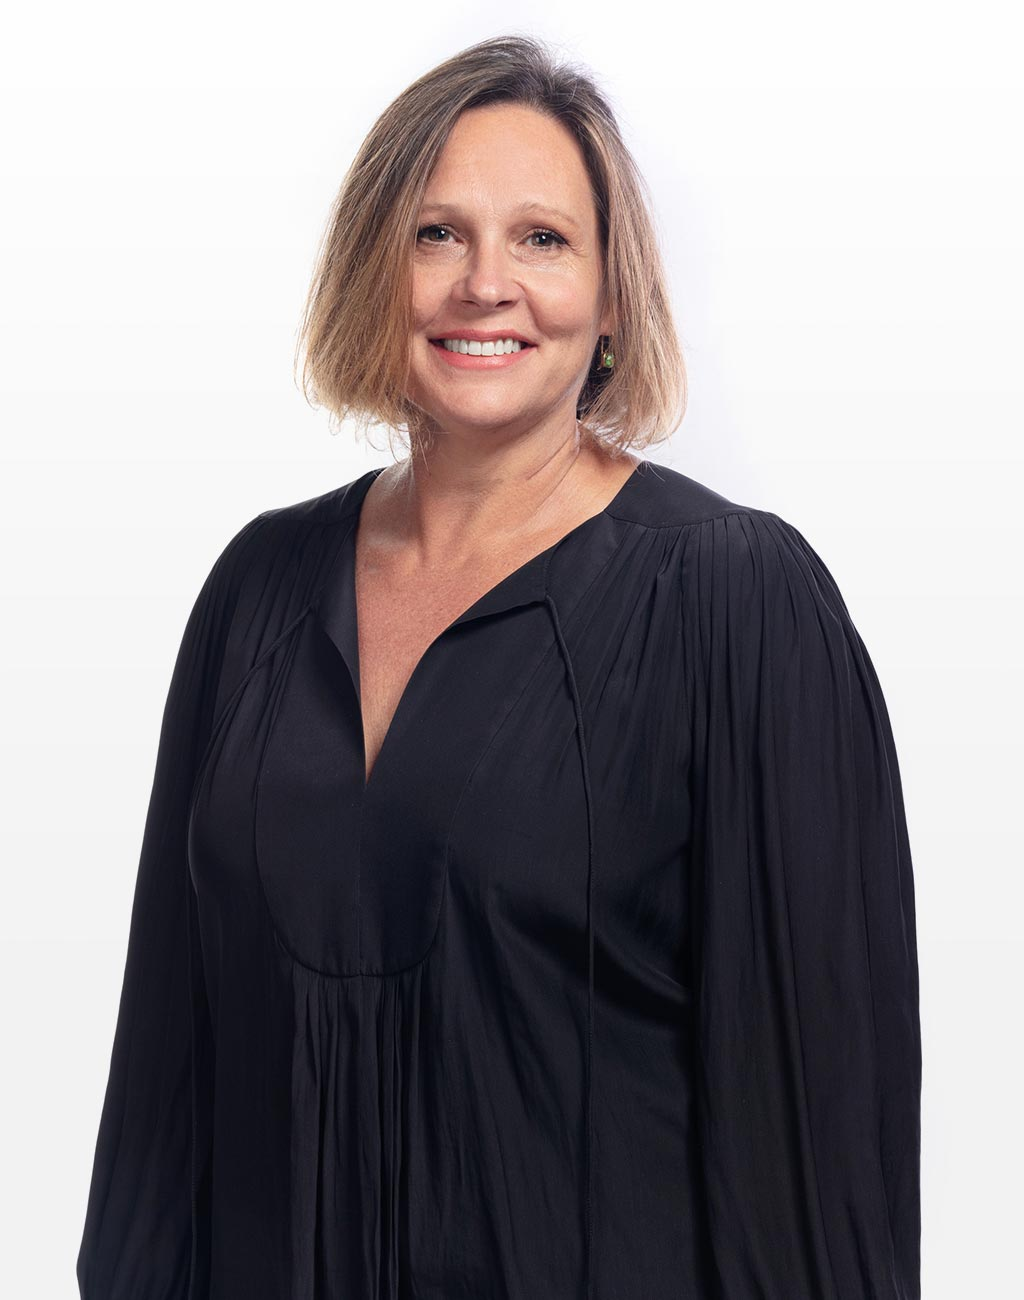 Anne Rigby